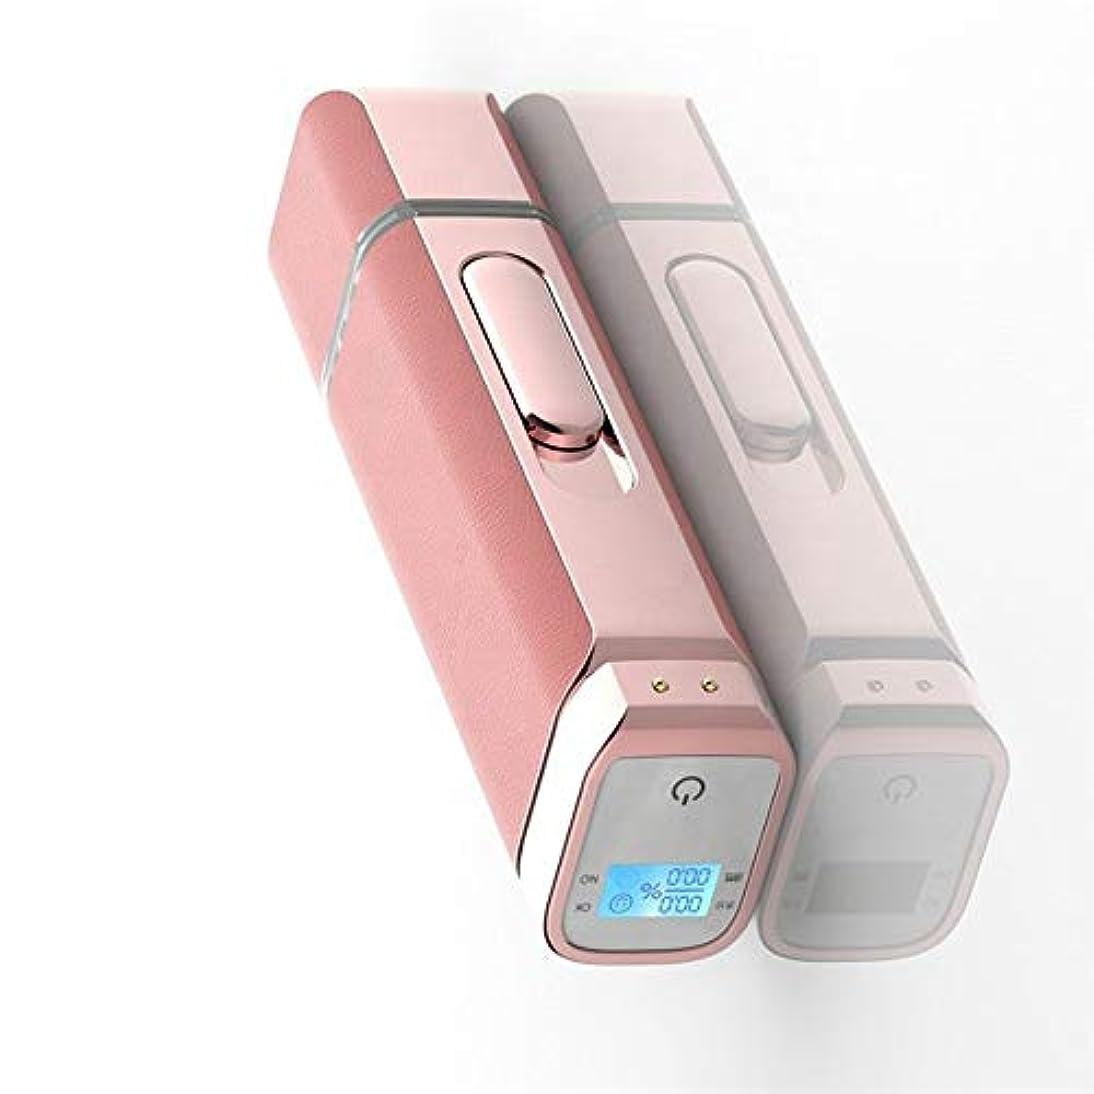 量グリーンランドわざわざ肌の水分テスターと顔のナノミスト噴霧器、アトマイゼーションフェイススチーマーディープモイスチャライジングブラックヘッドアクネスージングサロン用フェイシャルポータブルフェイシャルスプレー (Color : ピンク)